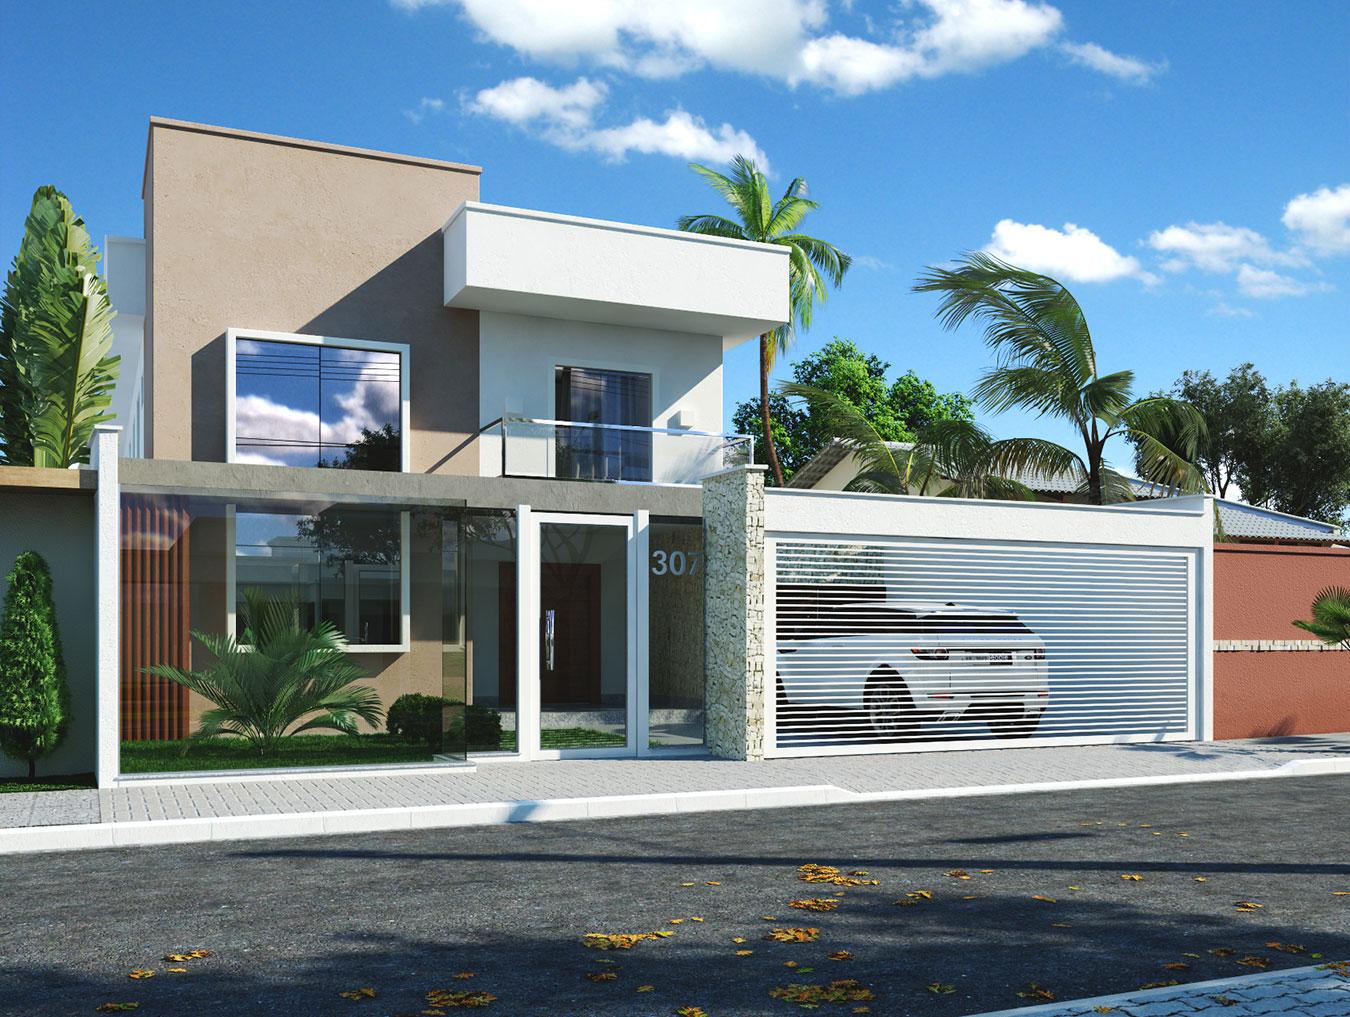 132 casas bonitas modernas fotos lindas - Porche casa moderna ...